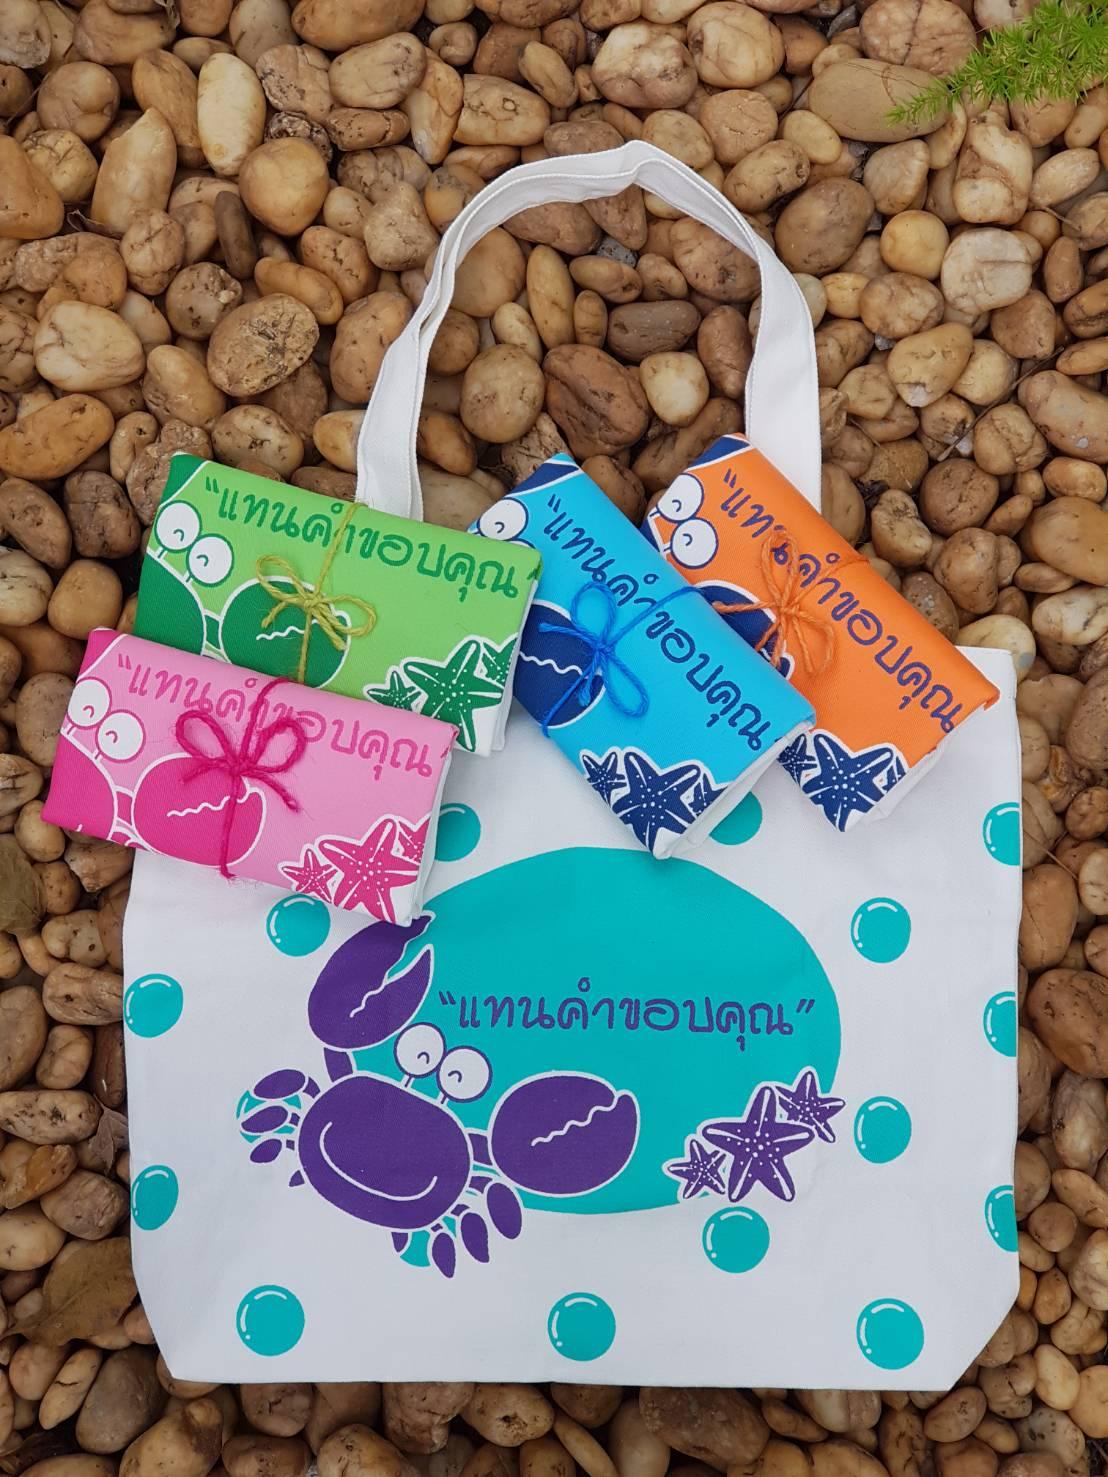 งานพิมพ์, ดิจิตอล, หลากสี, ดีไซน์, สกรีน, ถุงผ้าดิบ, กระเป๋าผ้าดิบ, ถุงผ้า, ลดโลกร้อน, สกรีนลายสำเร็จรูป, ขายส่ง, ลายน่ารัก, วันเด็ก, วันเด็ก2562, จาก baginlove.com